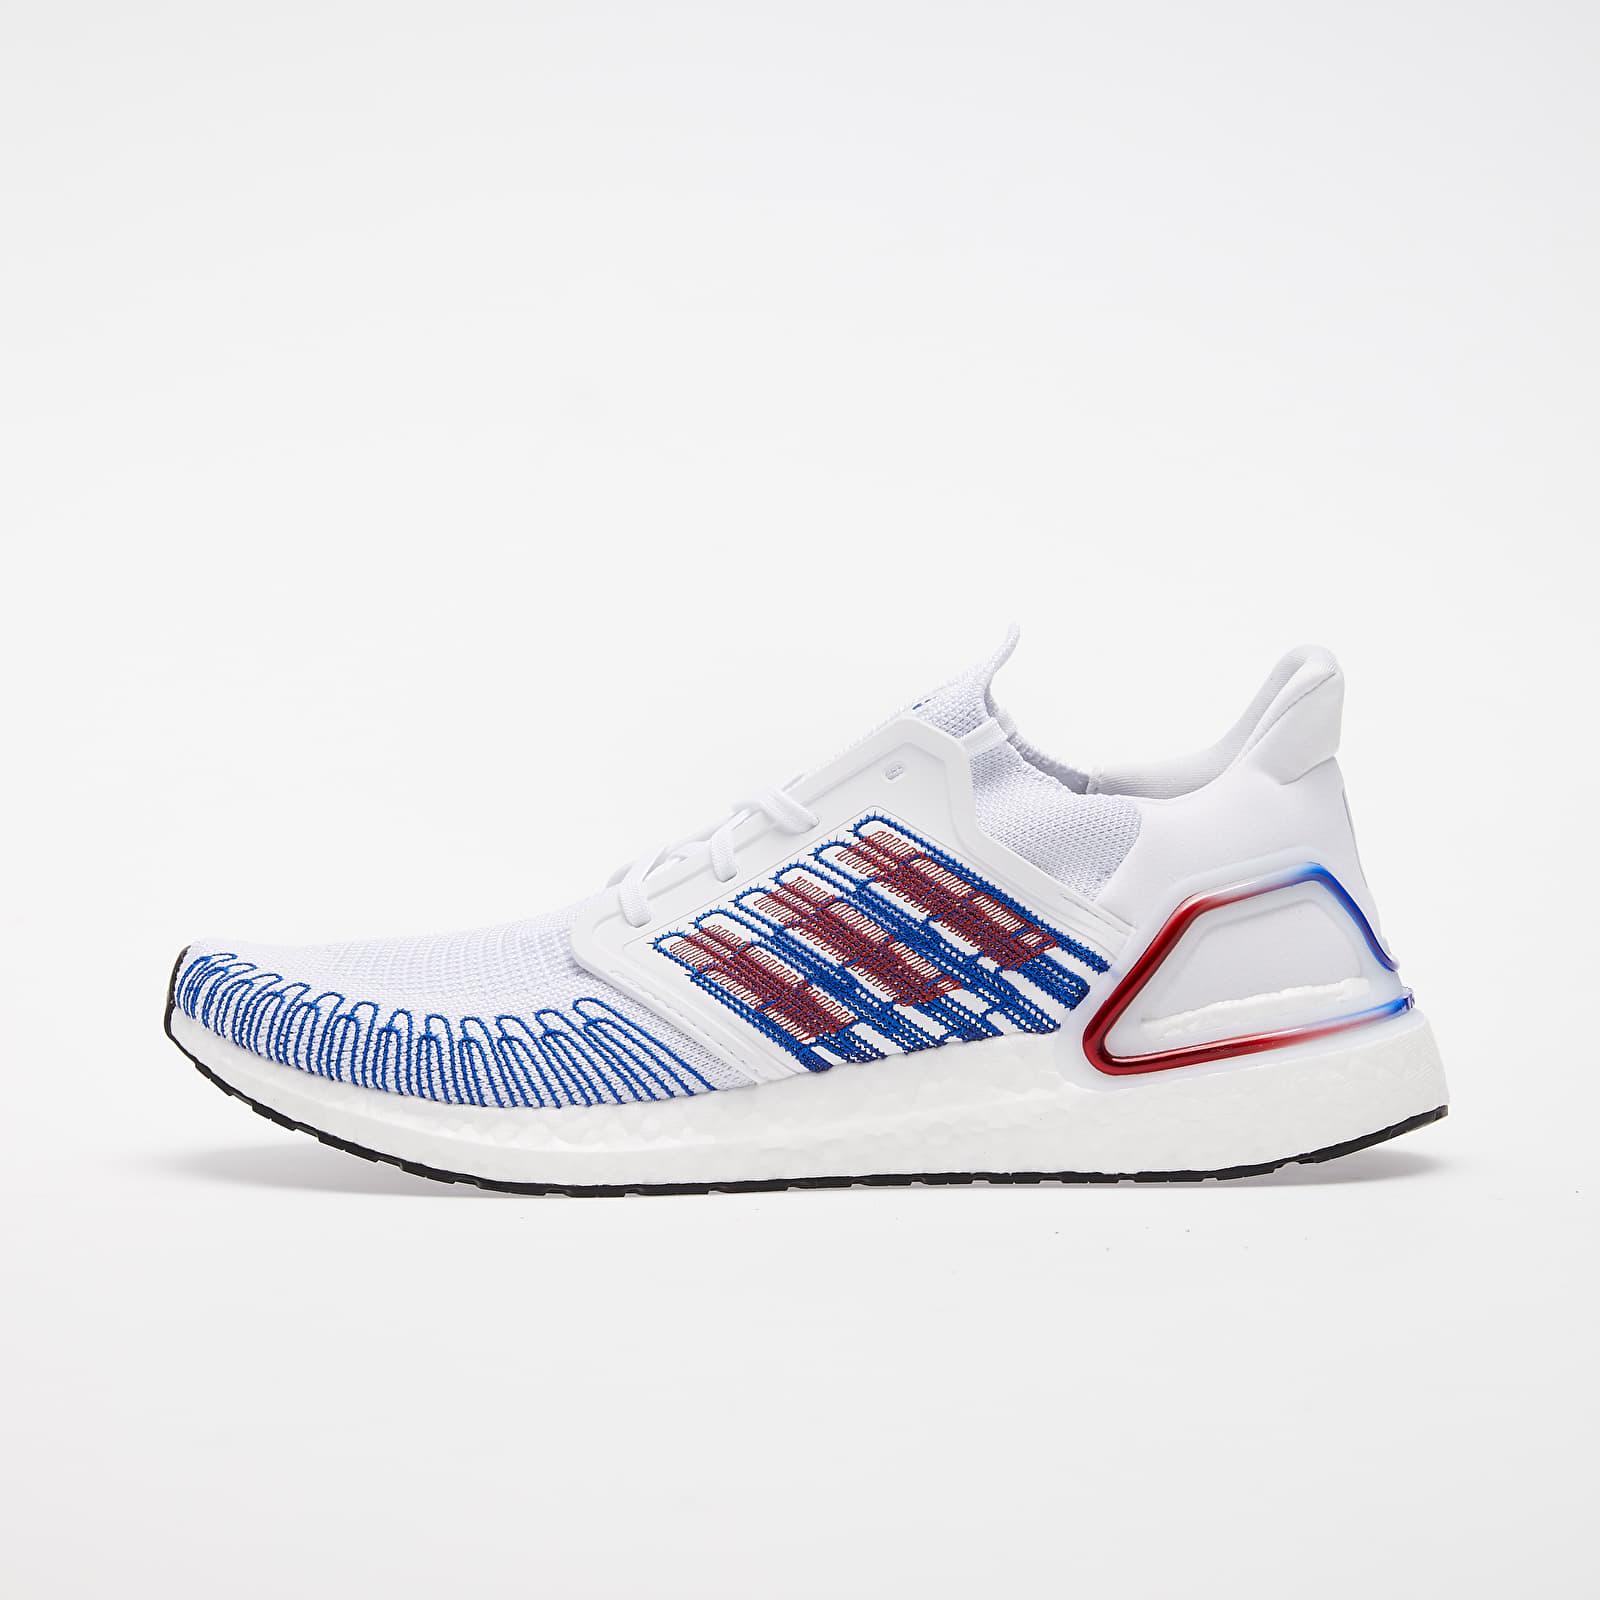 Pánské tenisky a boty adidas UltraBOOST 20 Ftw White/ Scarlet/ Royal Blue